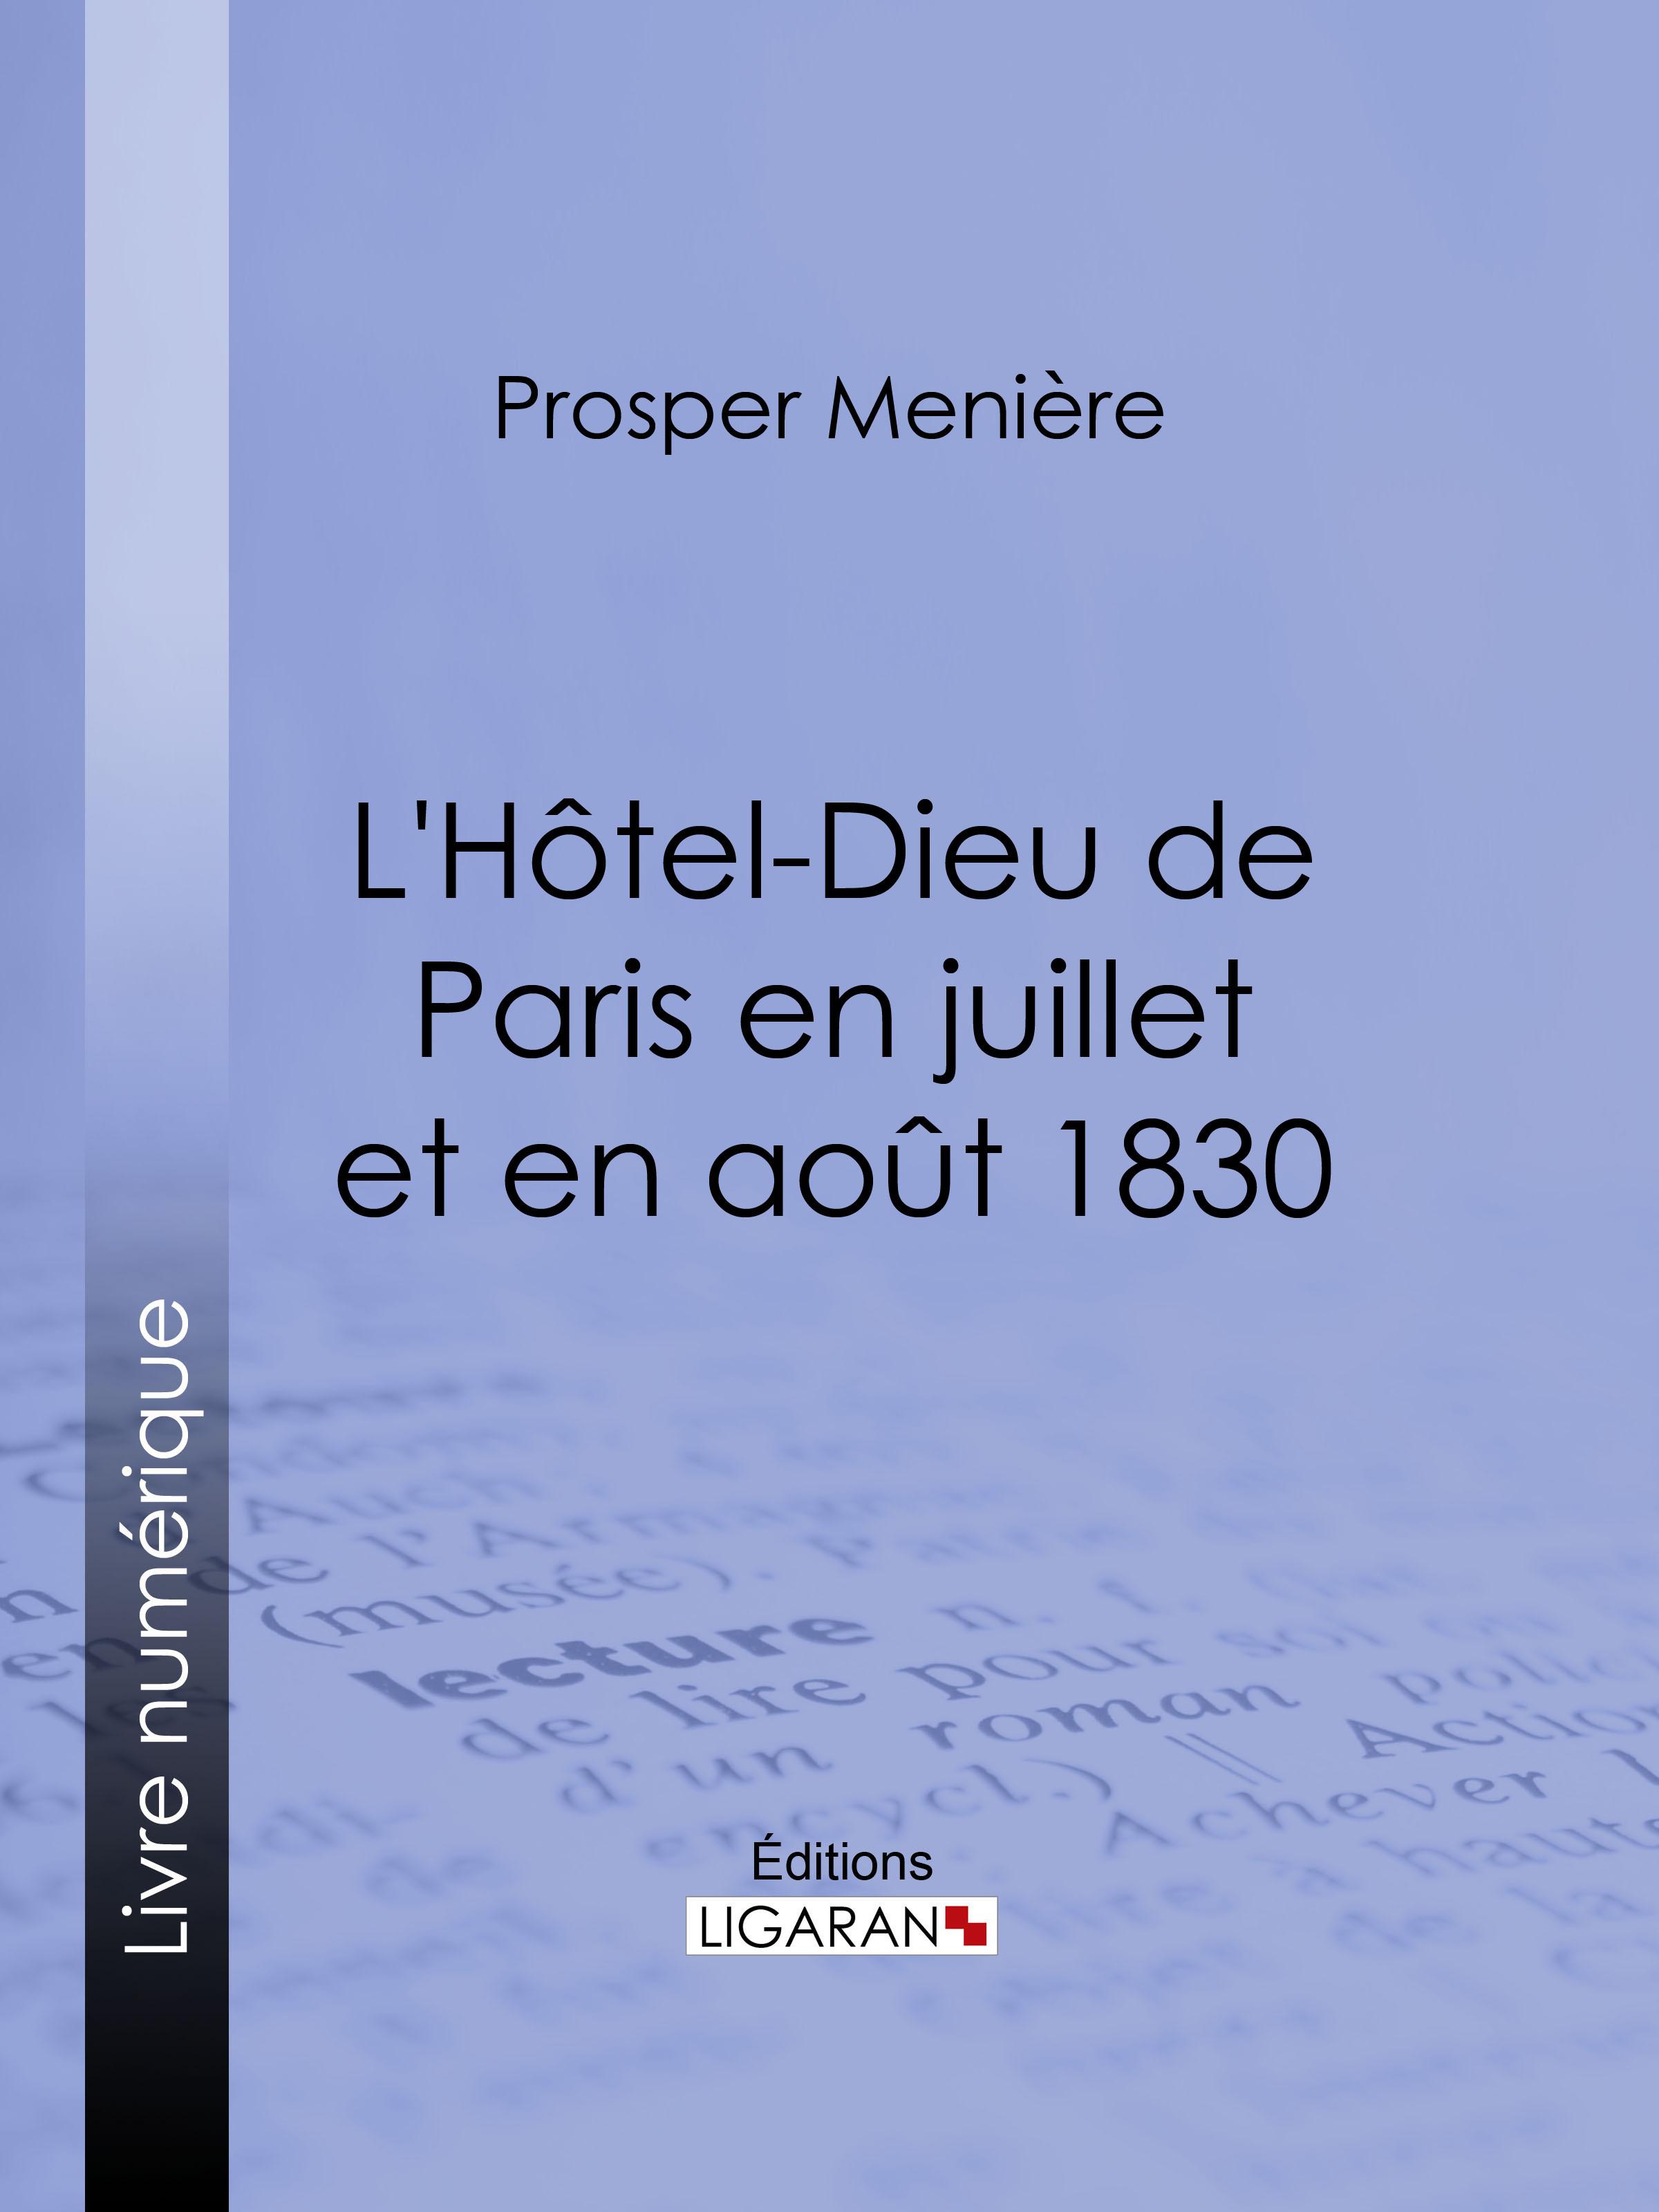 L'Hôtel-Dieu de Paris en juillet et en août 1830